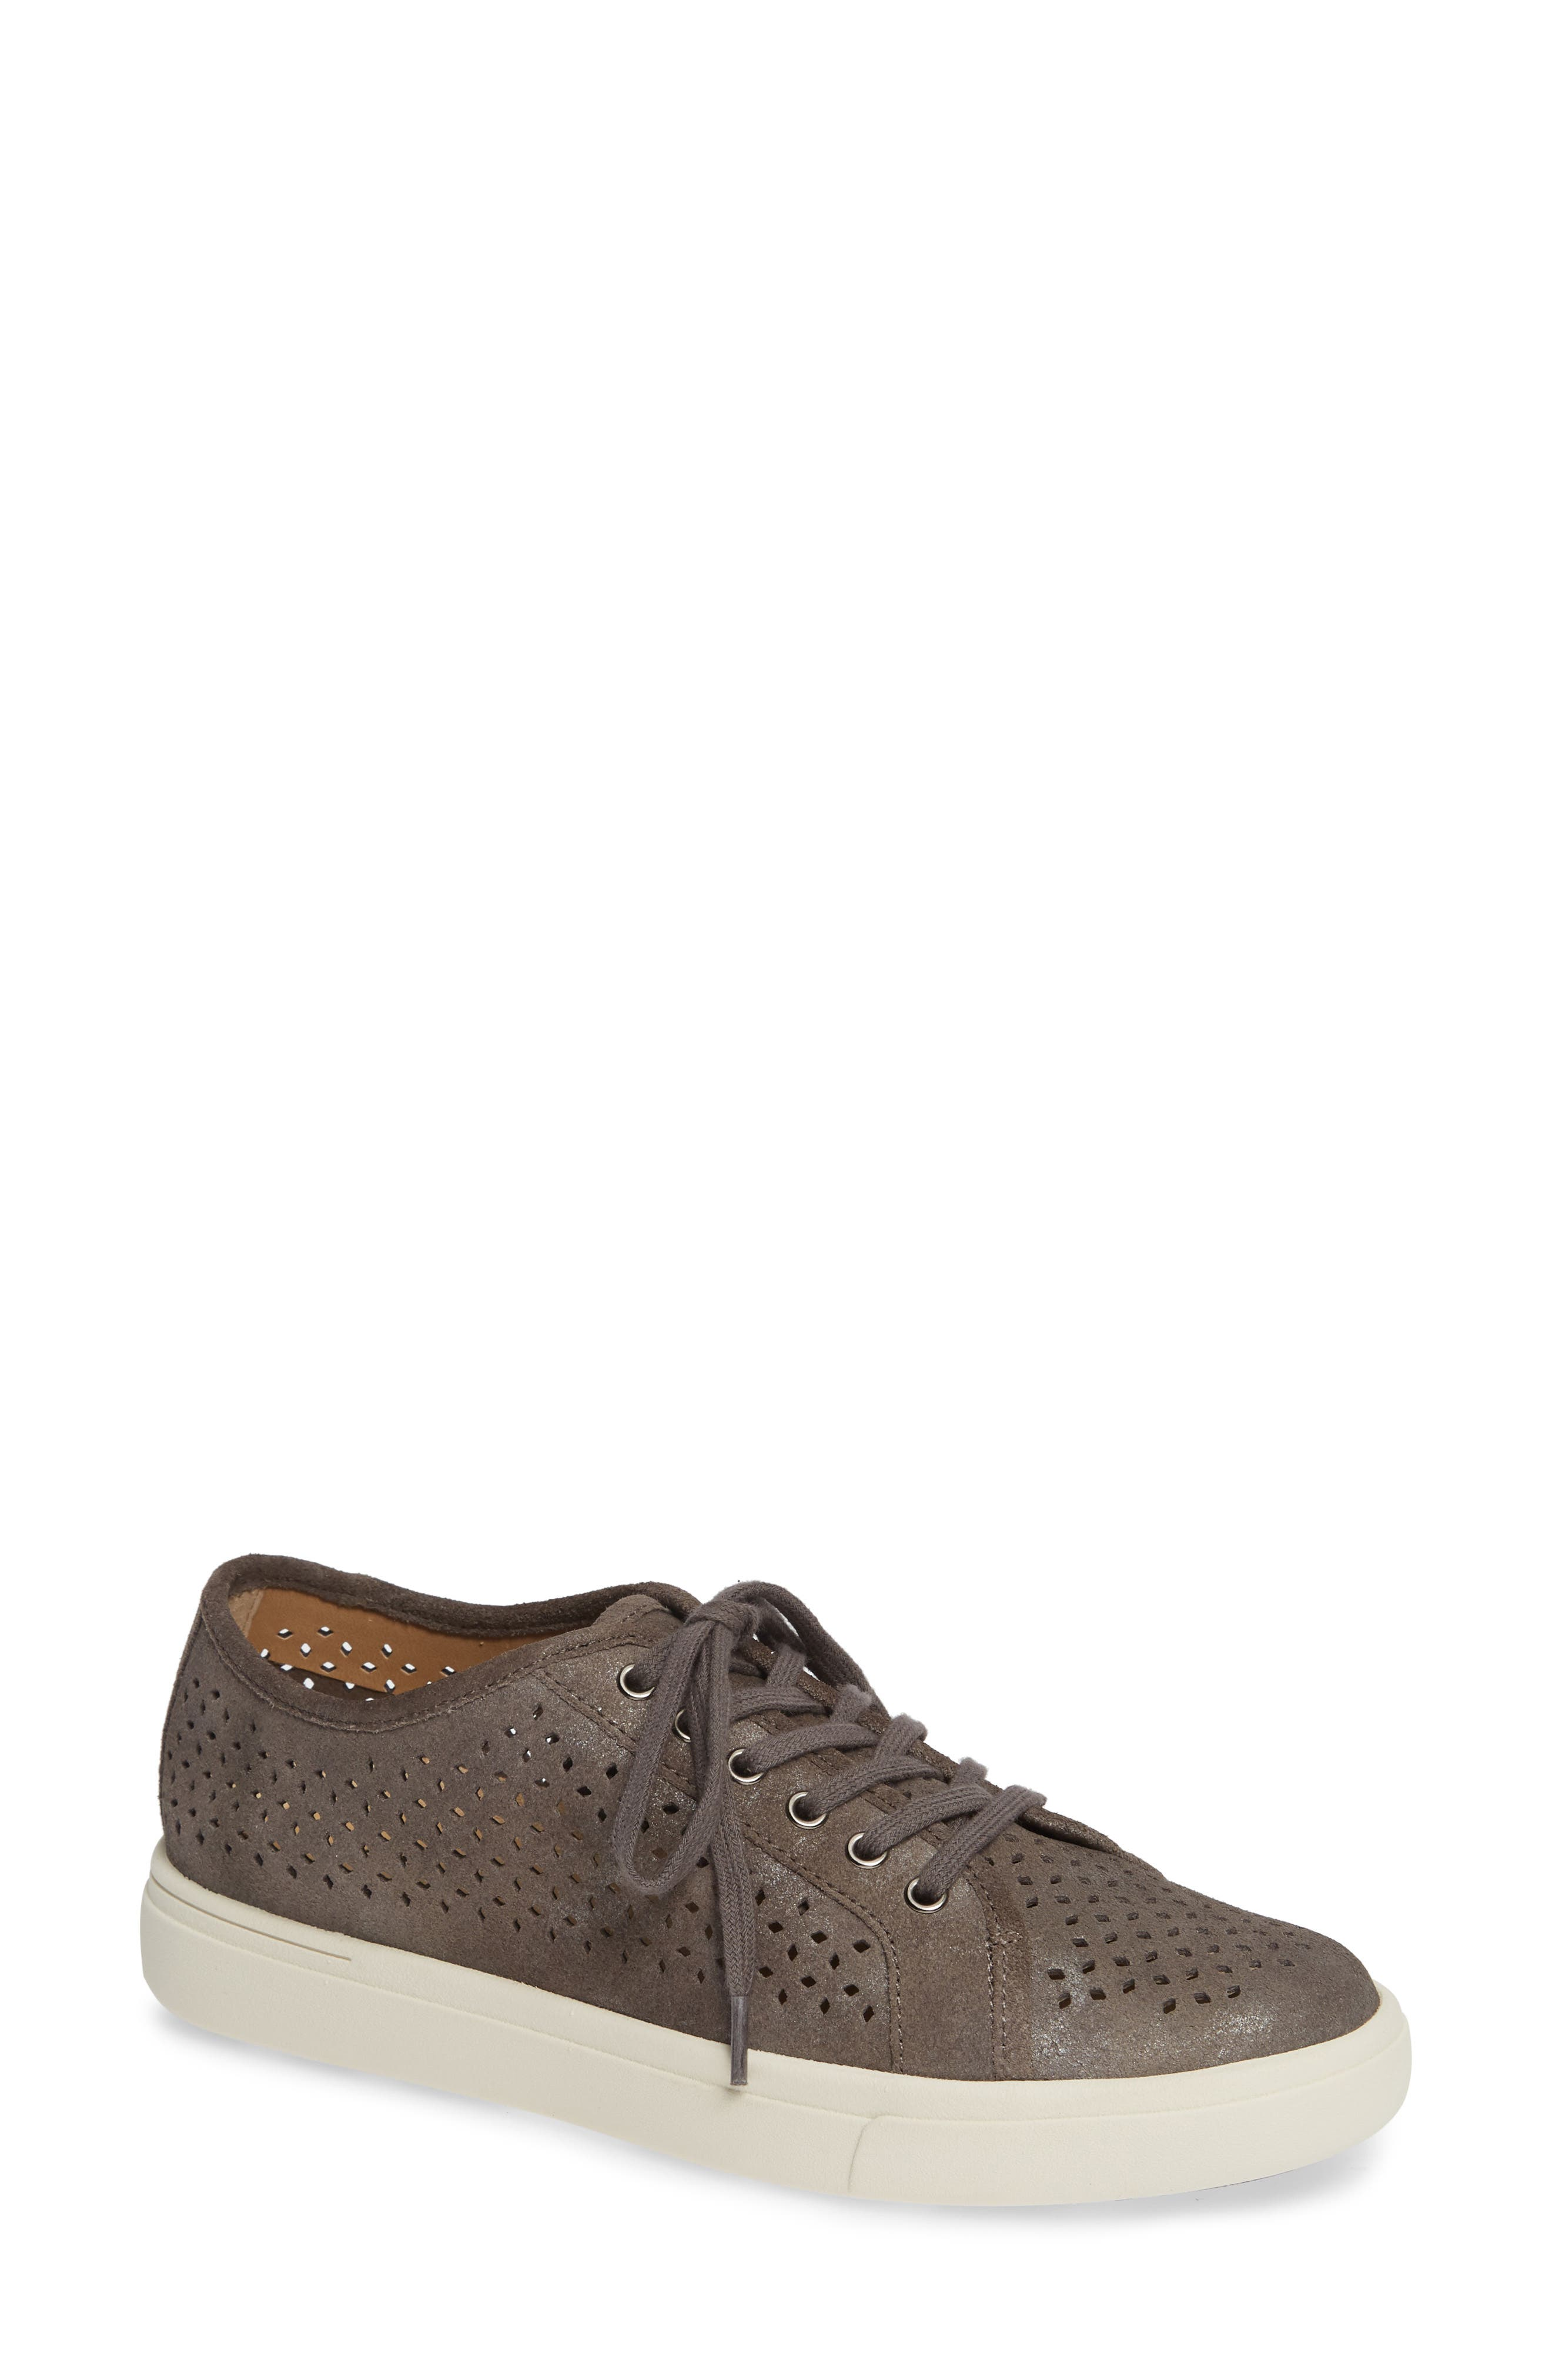 Oneida Sneaker,                         Main,                         color, GREY SUEDE